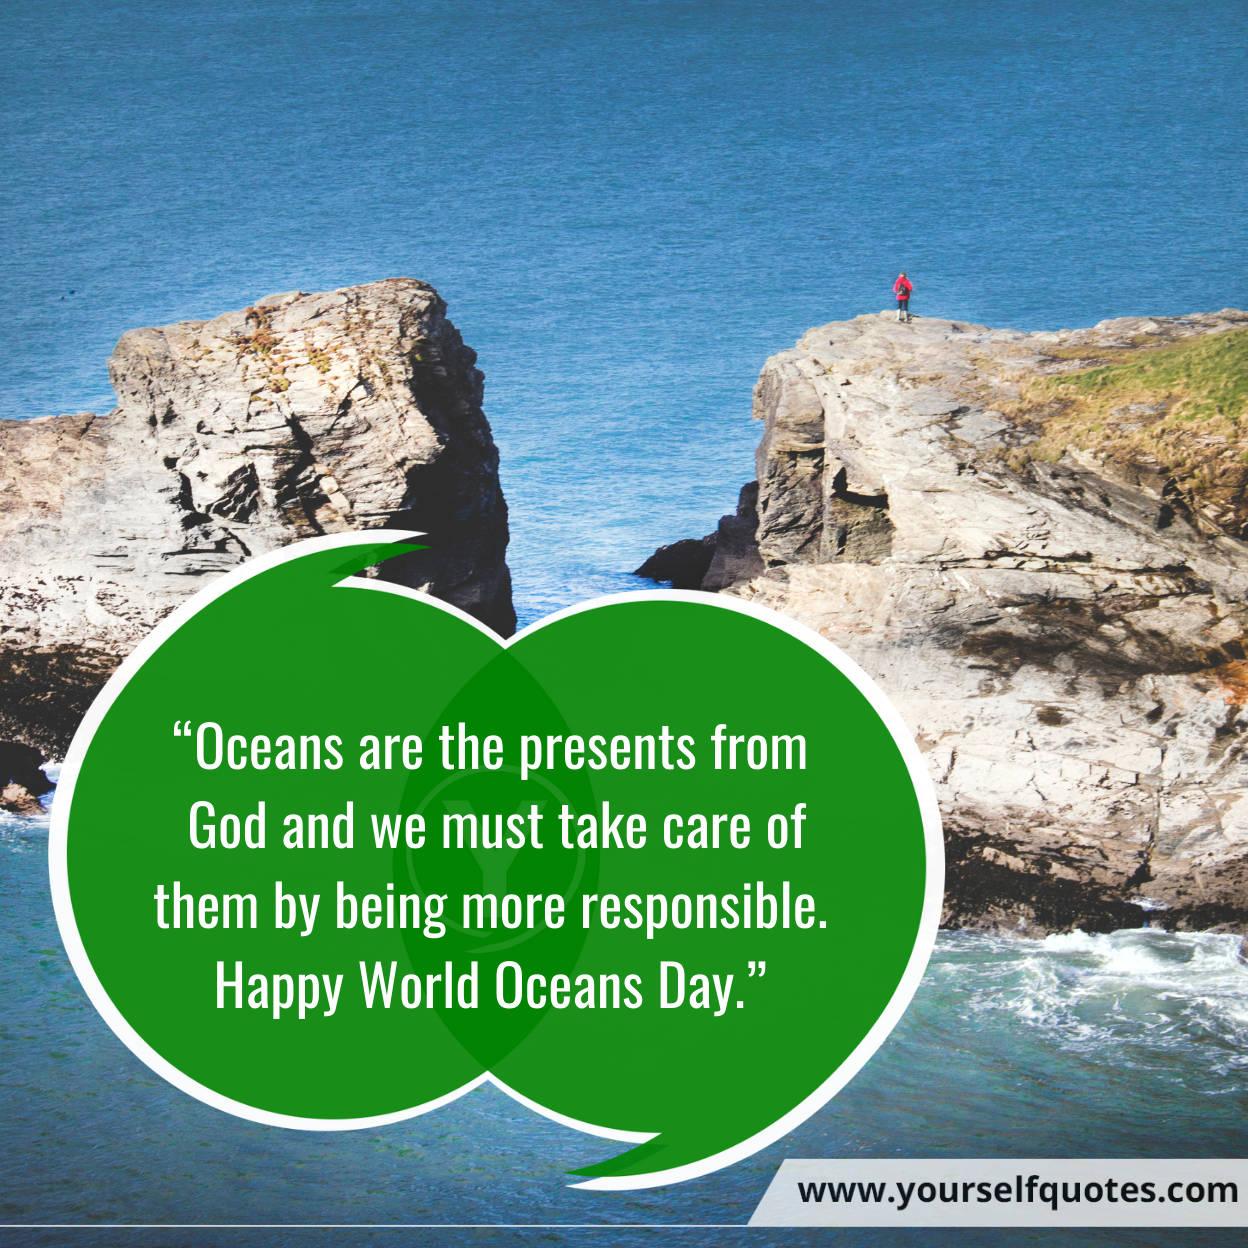 Gambar Selamat Hari Laut Sedunia